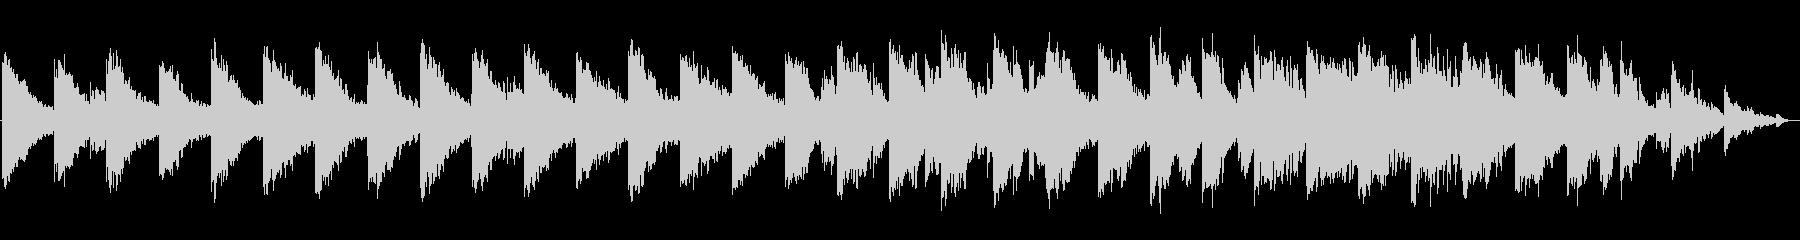 アクアリウムのようなシンセサイザーBGMの未再生の波形